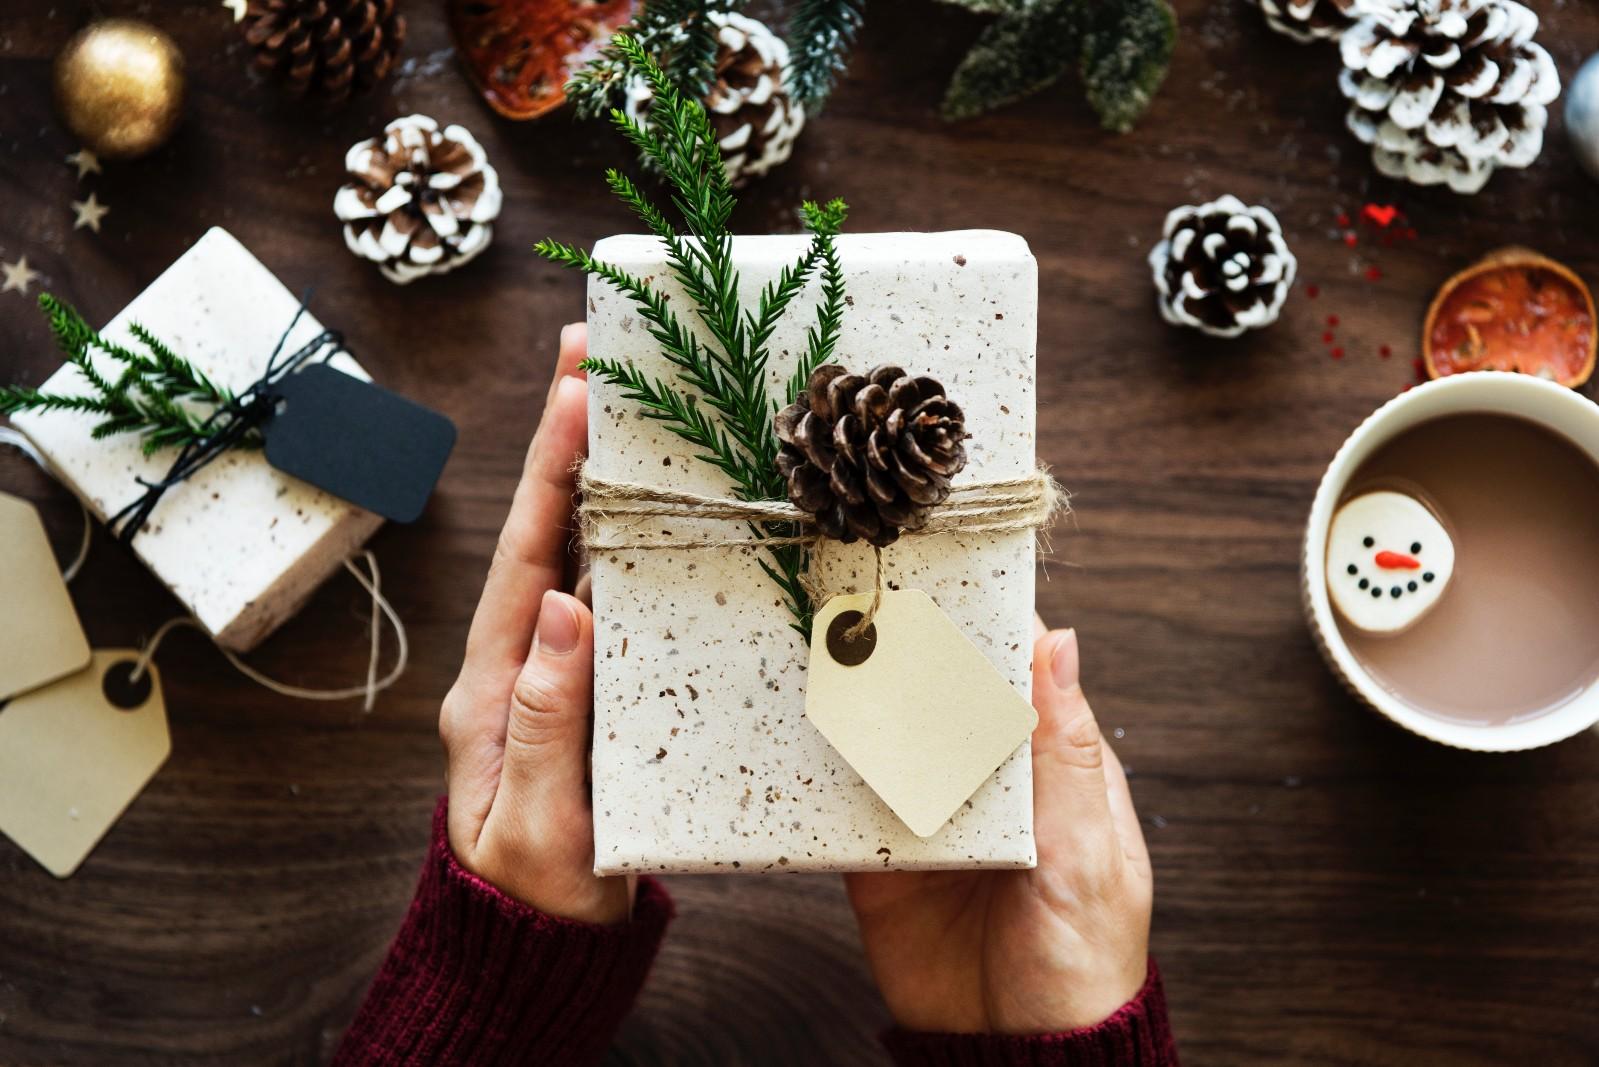 如何选购福利礼品